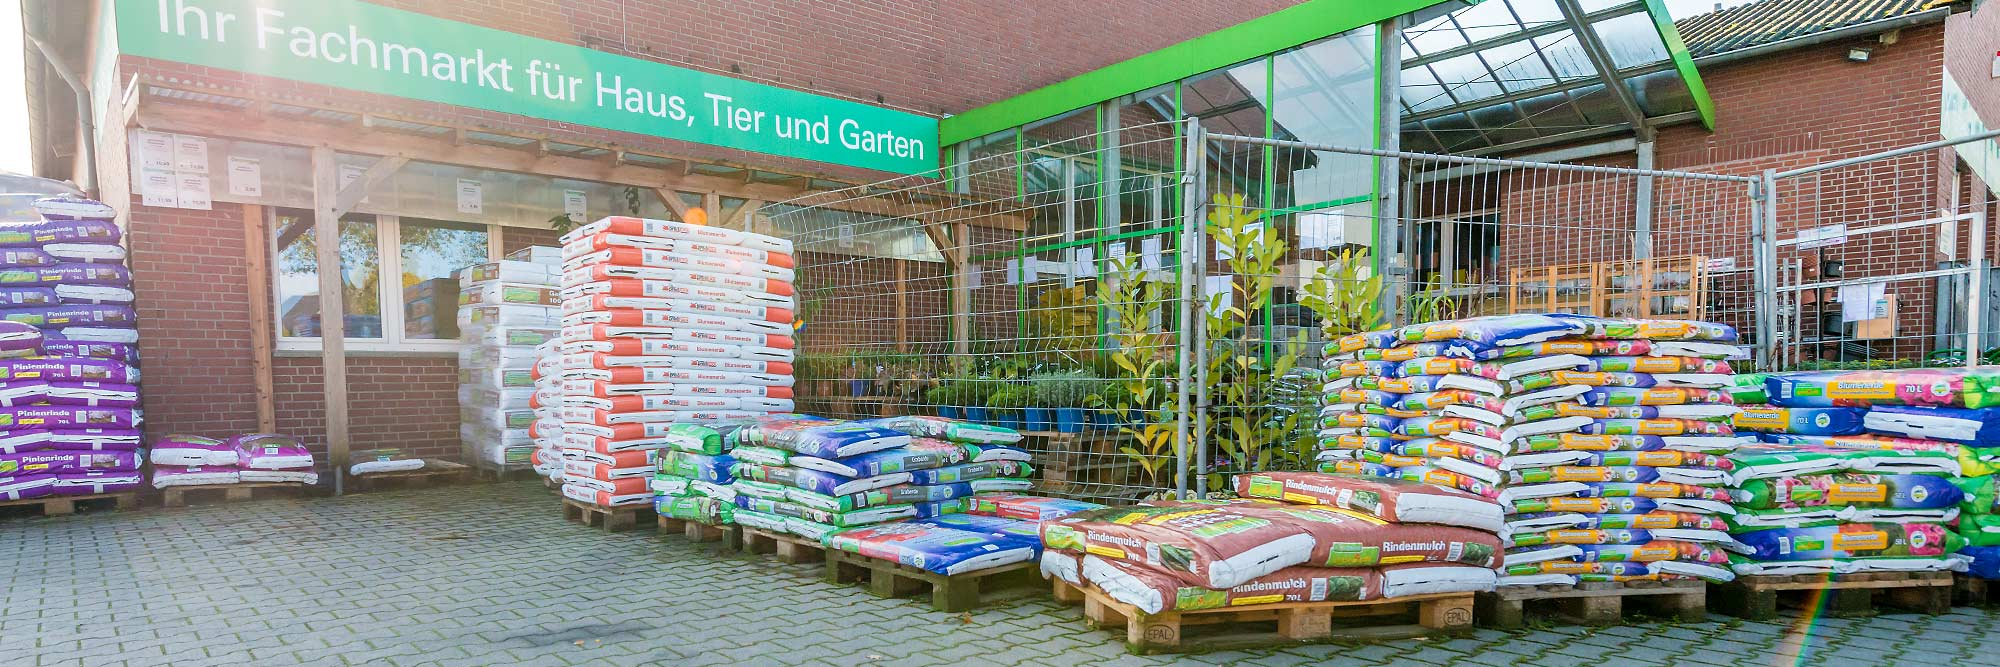 Raiffeisen Markt Ottmarsbocholt Erde und Mulch